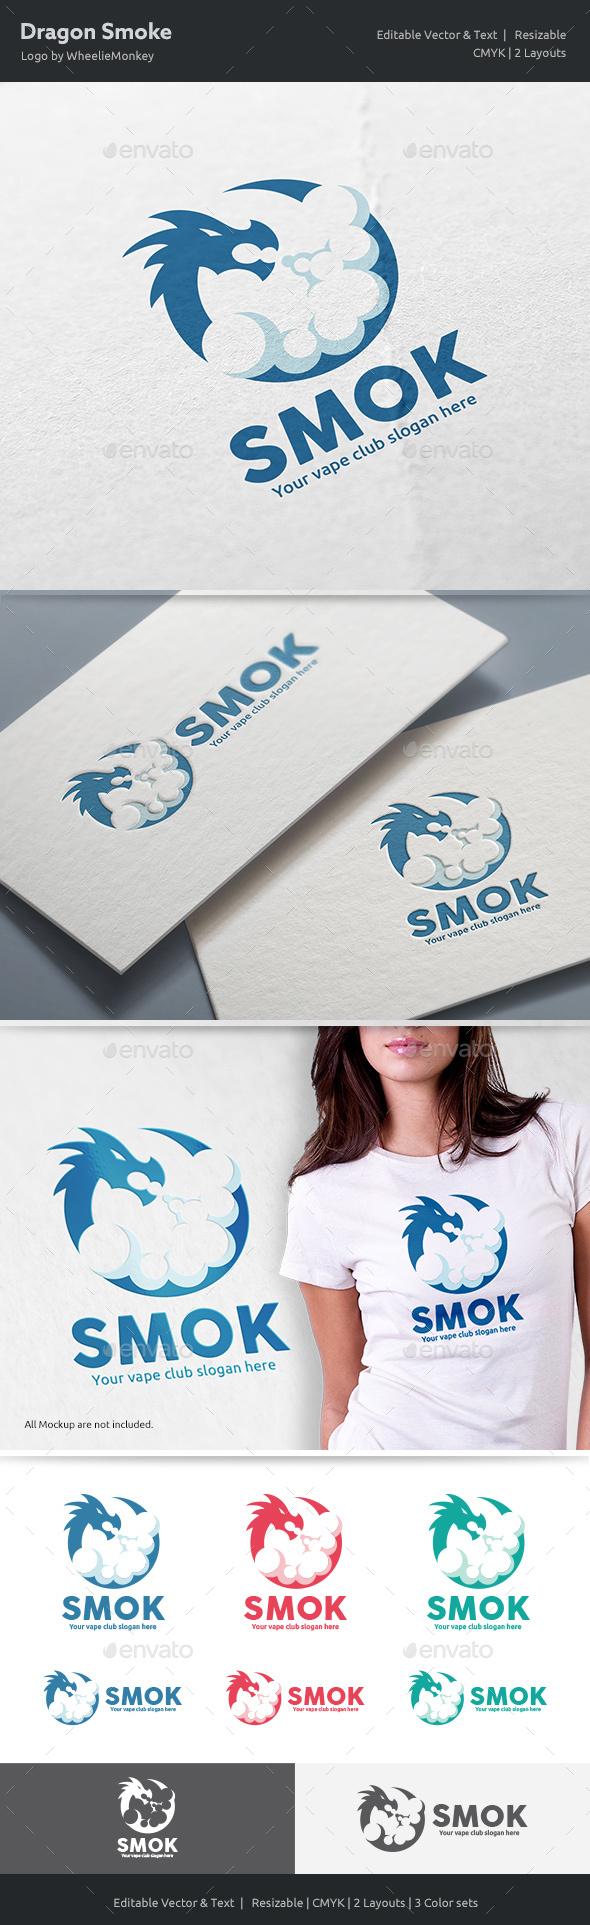 Dragon Smoke Logo - Vector Abstract